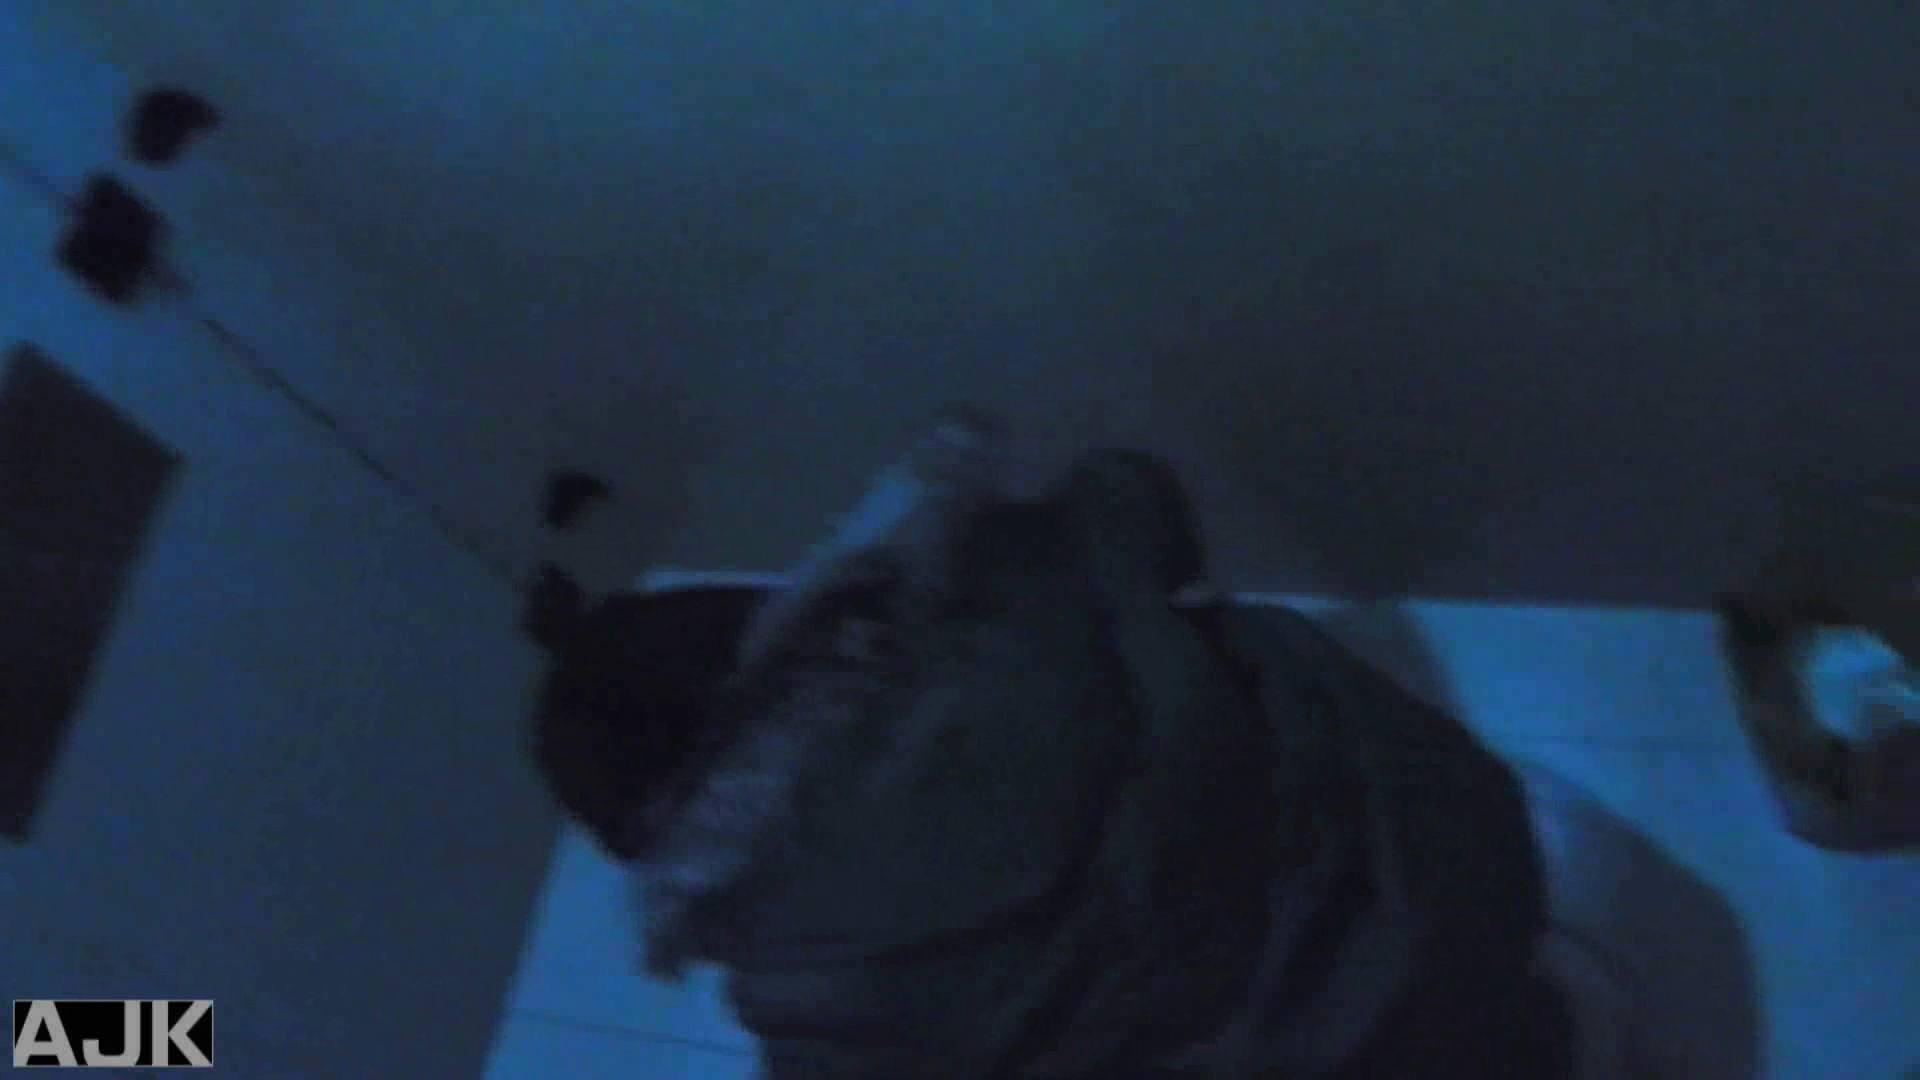 神降臨!史上最強の潜入かわや! vol.05 肛門 覗きぱこり動画紹介 81画像 20